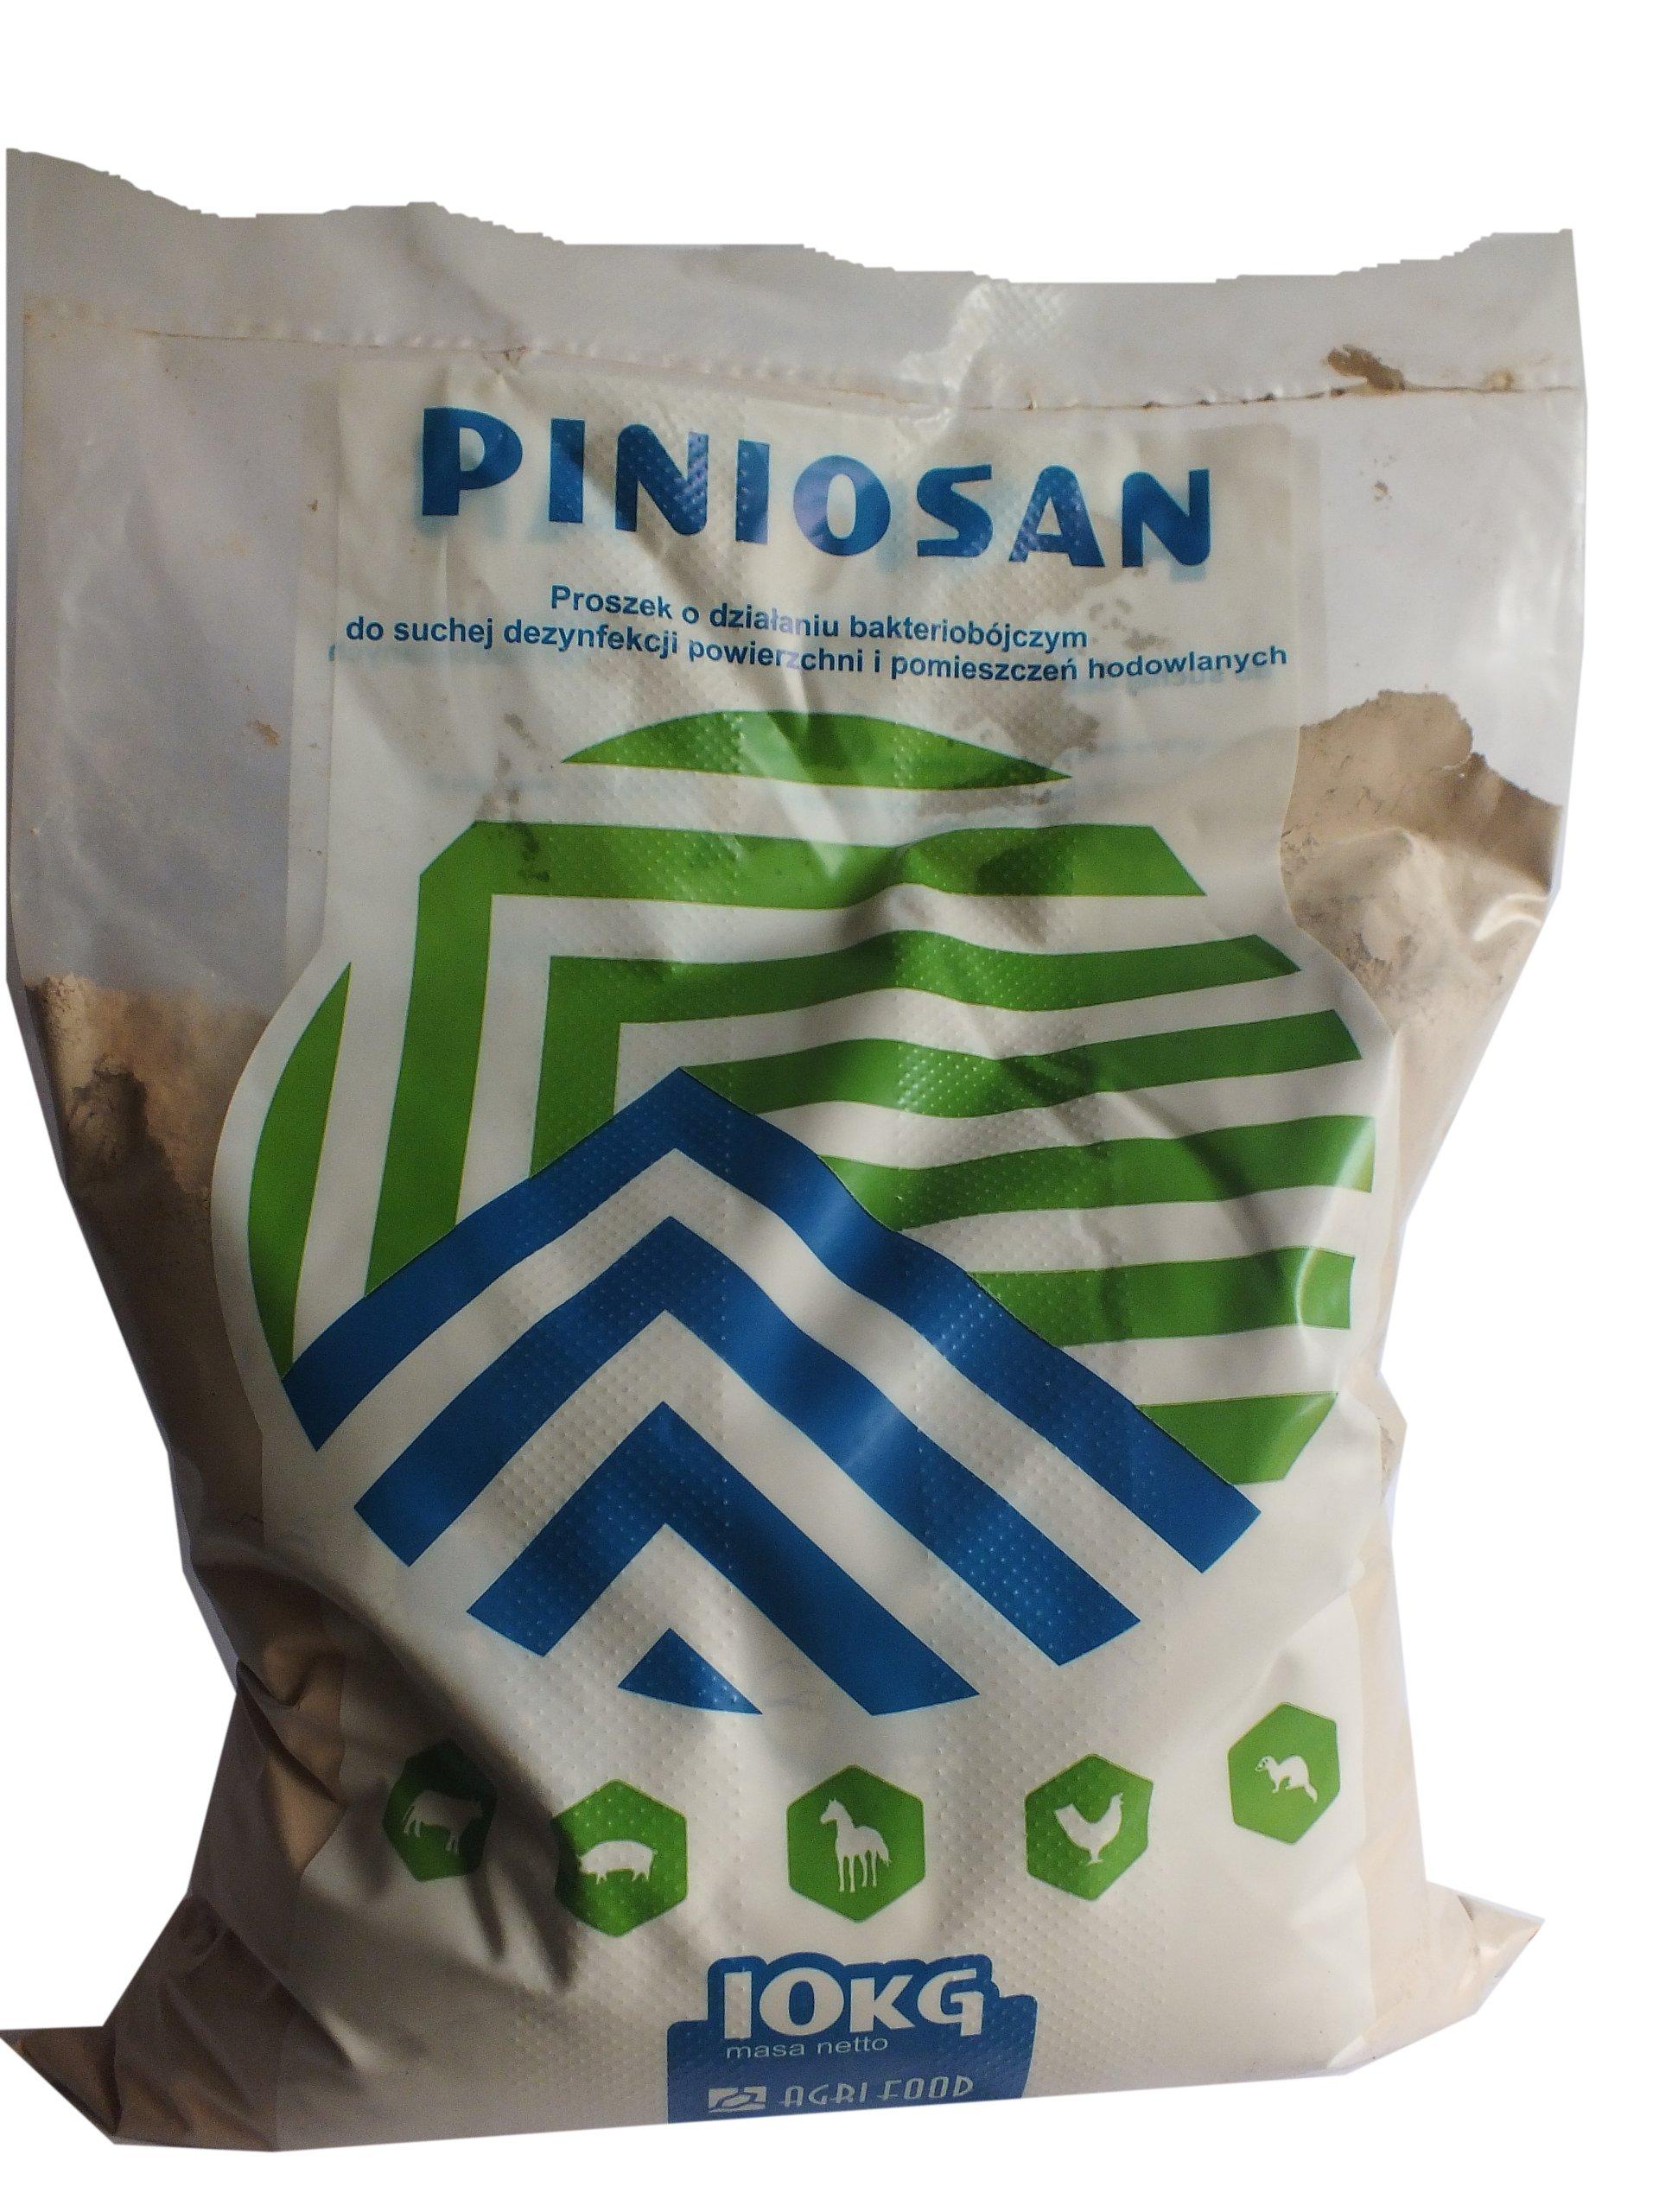 PINIOSAN dezynfekcja -bakterie wirusy larwy 10kg